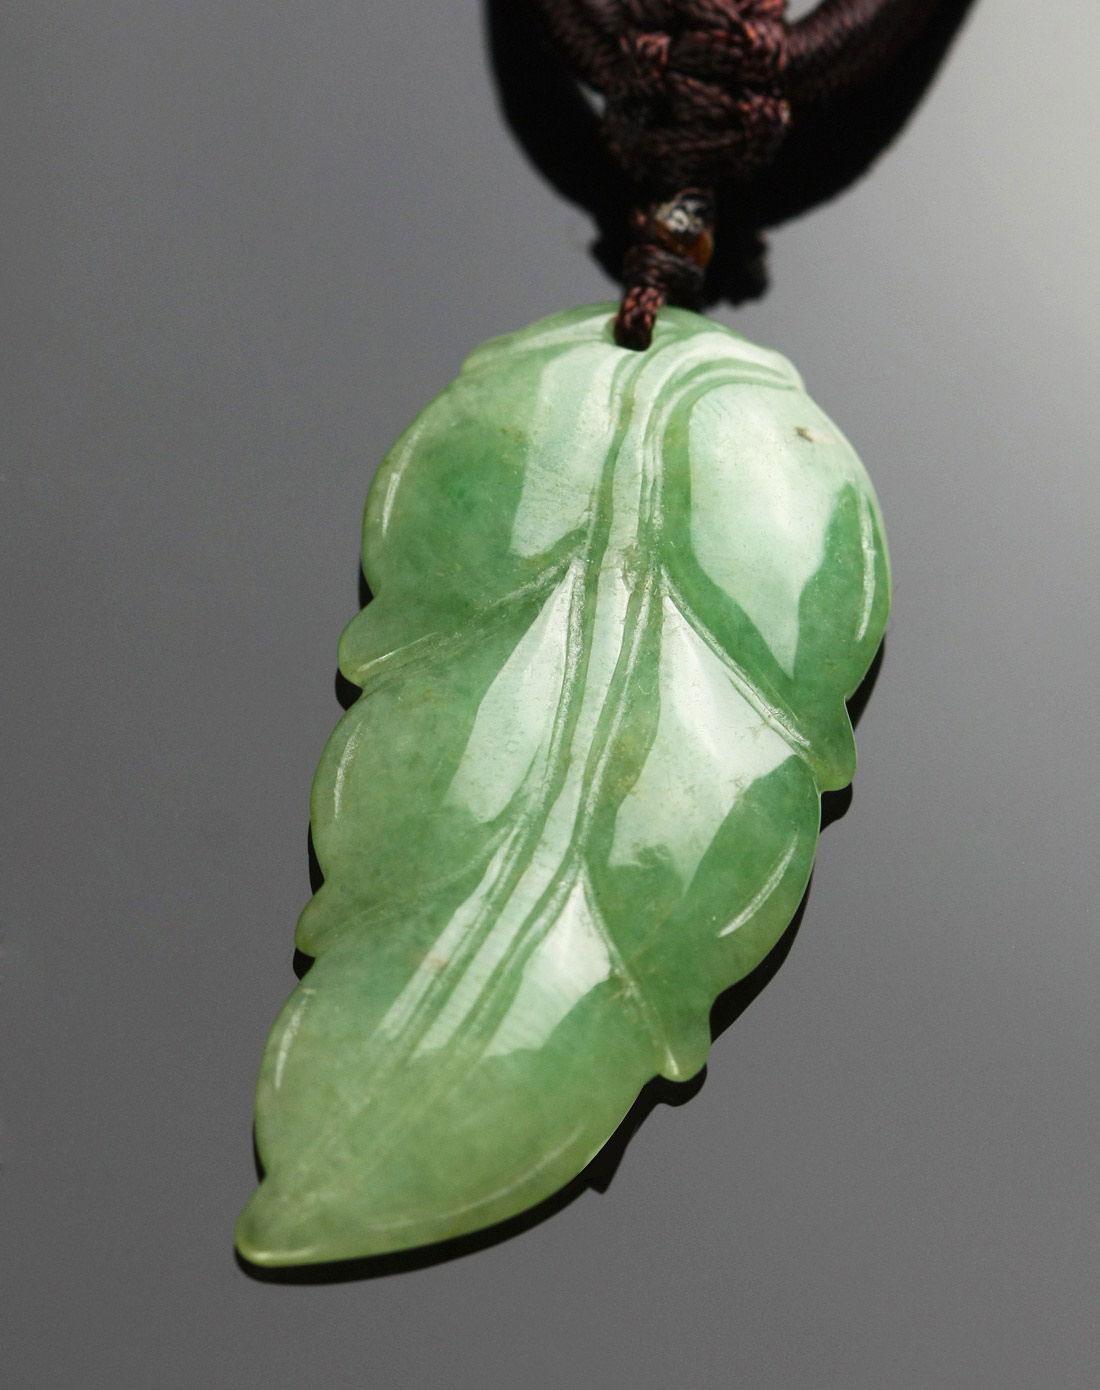 中性绿翡翠a货叶子吊坠-赠大叶紫檀手链(附证书)